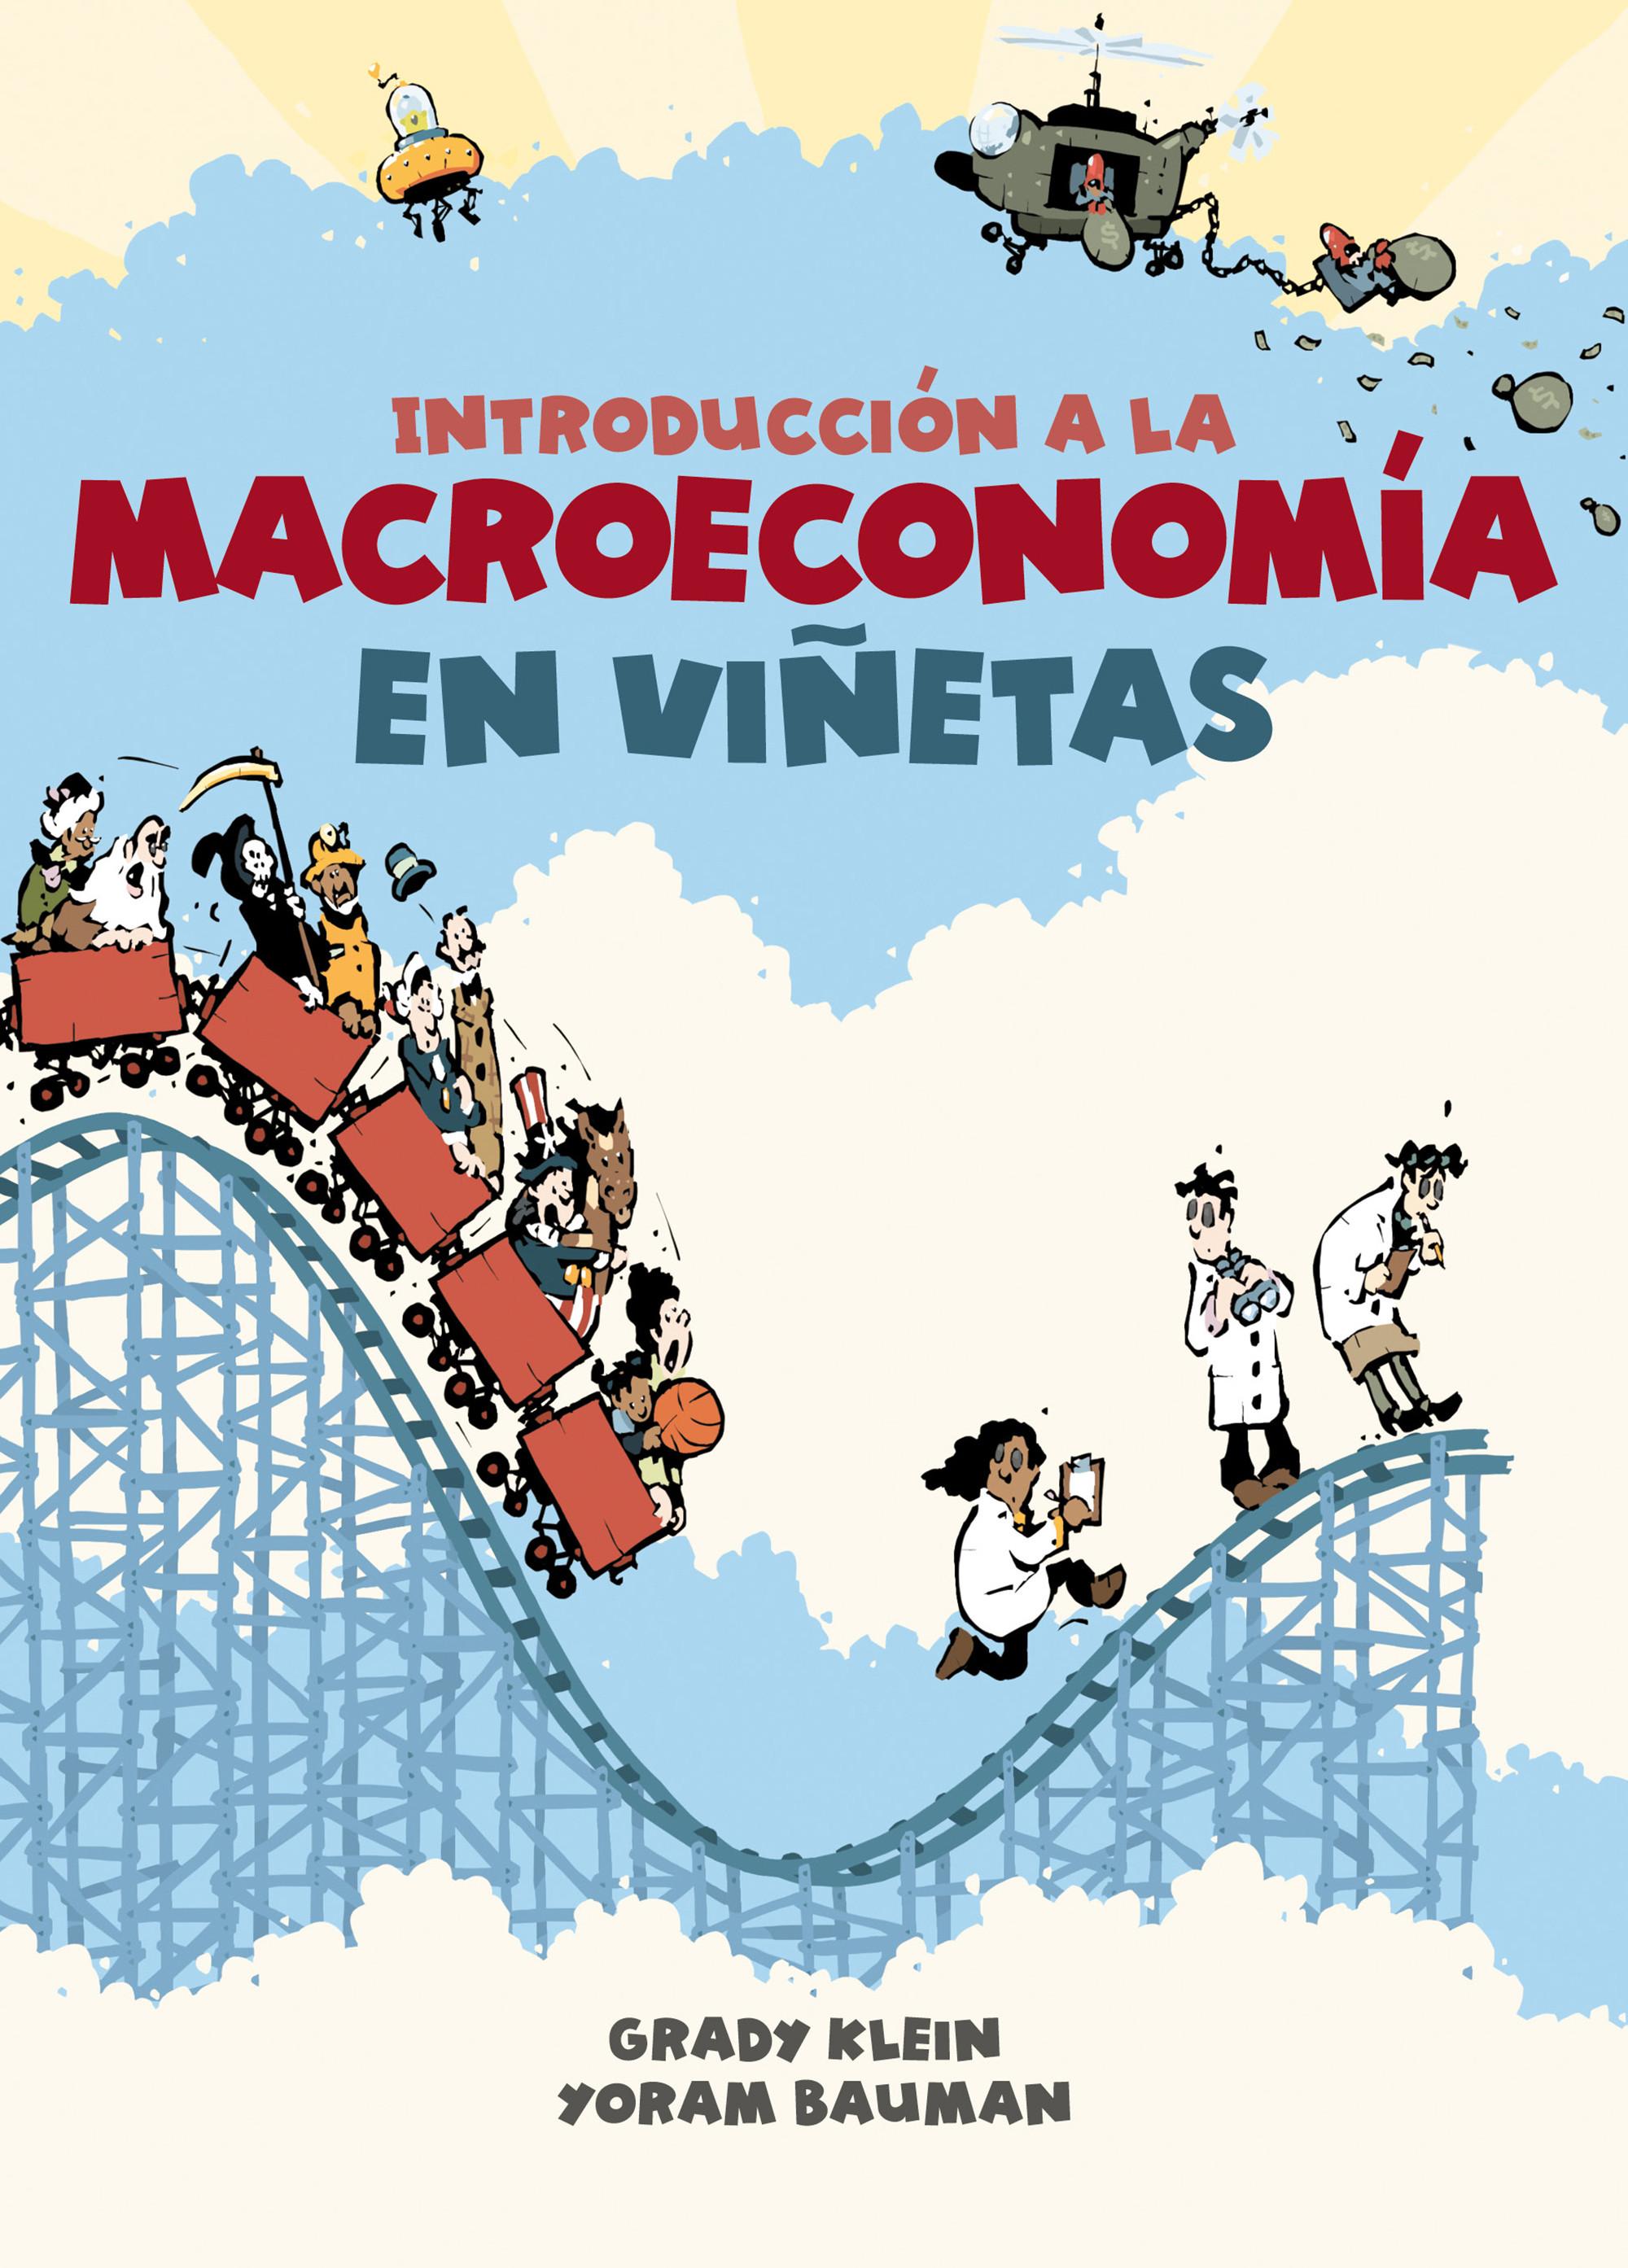 Introducción a la macroeconomía en viñetas